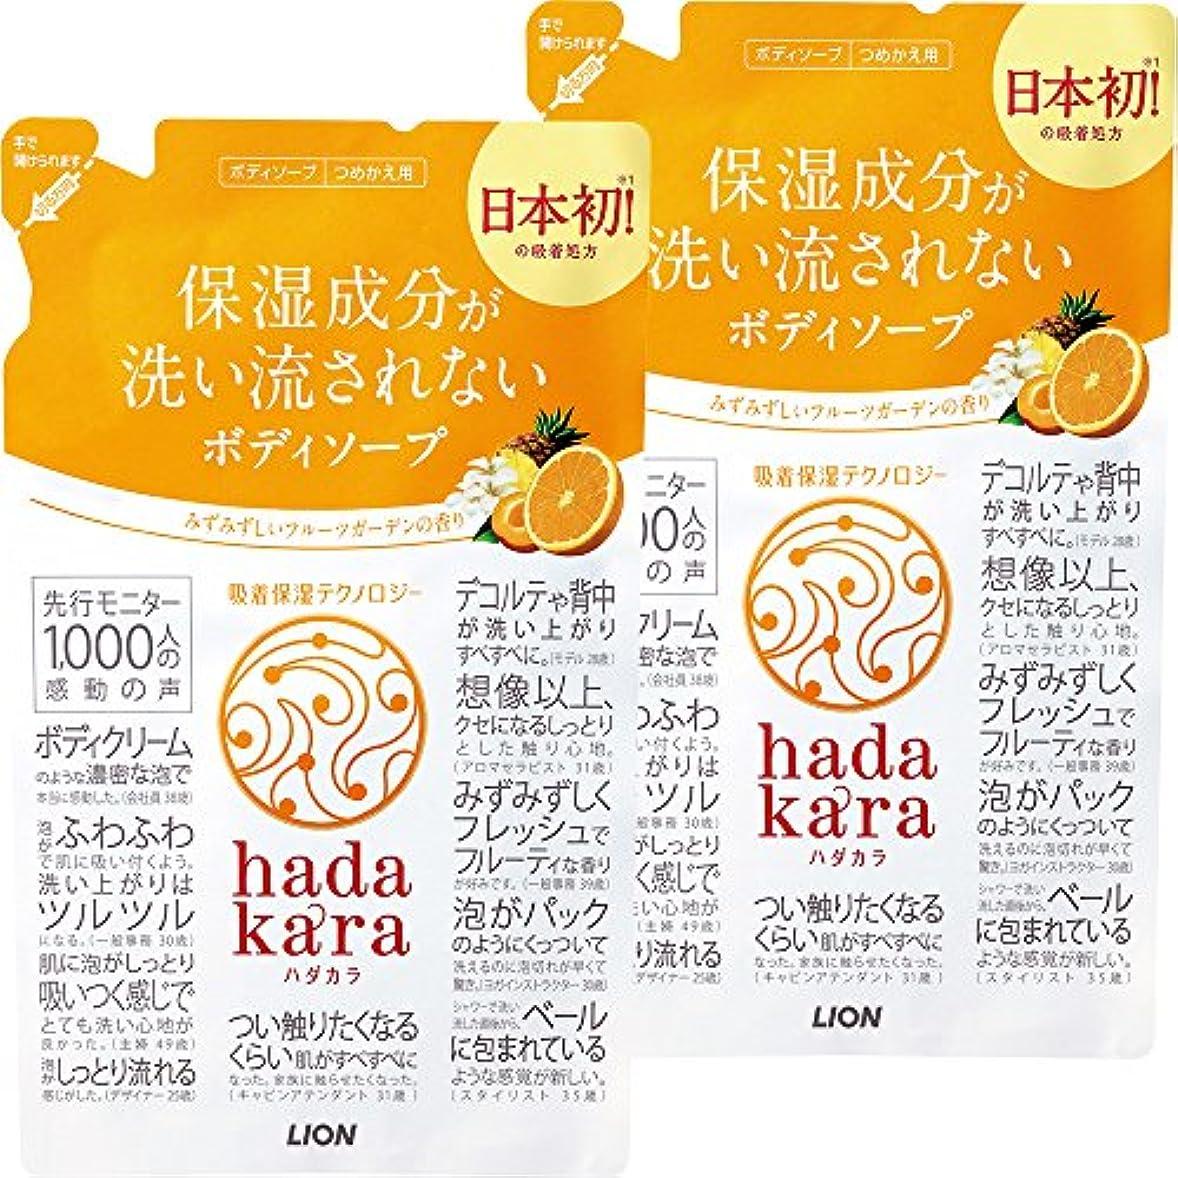 ビリーヤギフォーマル悲観主義者【まとめ買い】hadakara(ハダカラ) ボディソープ フルーツガーデンの香り 詰め替え 360ml×2個パック